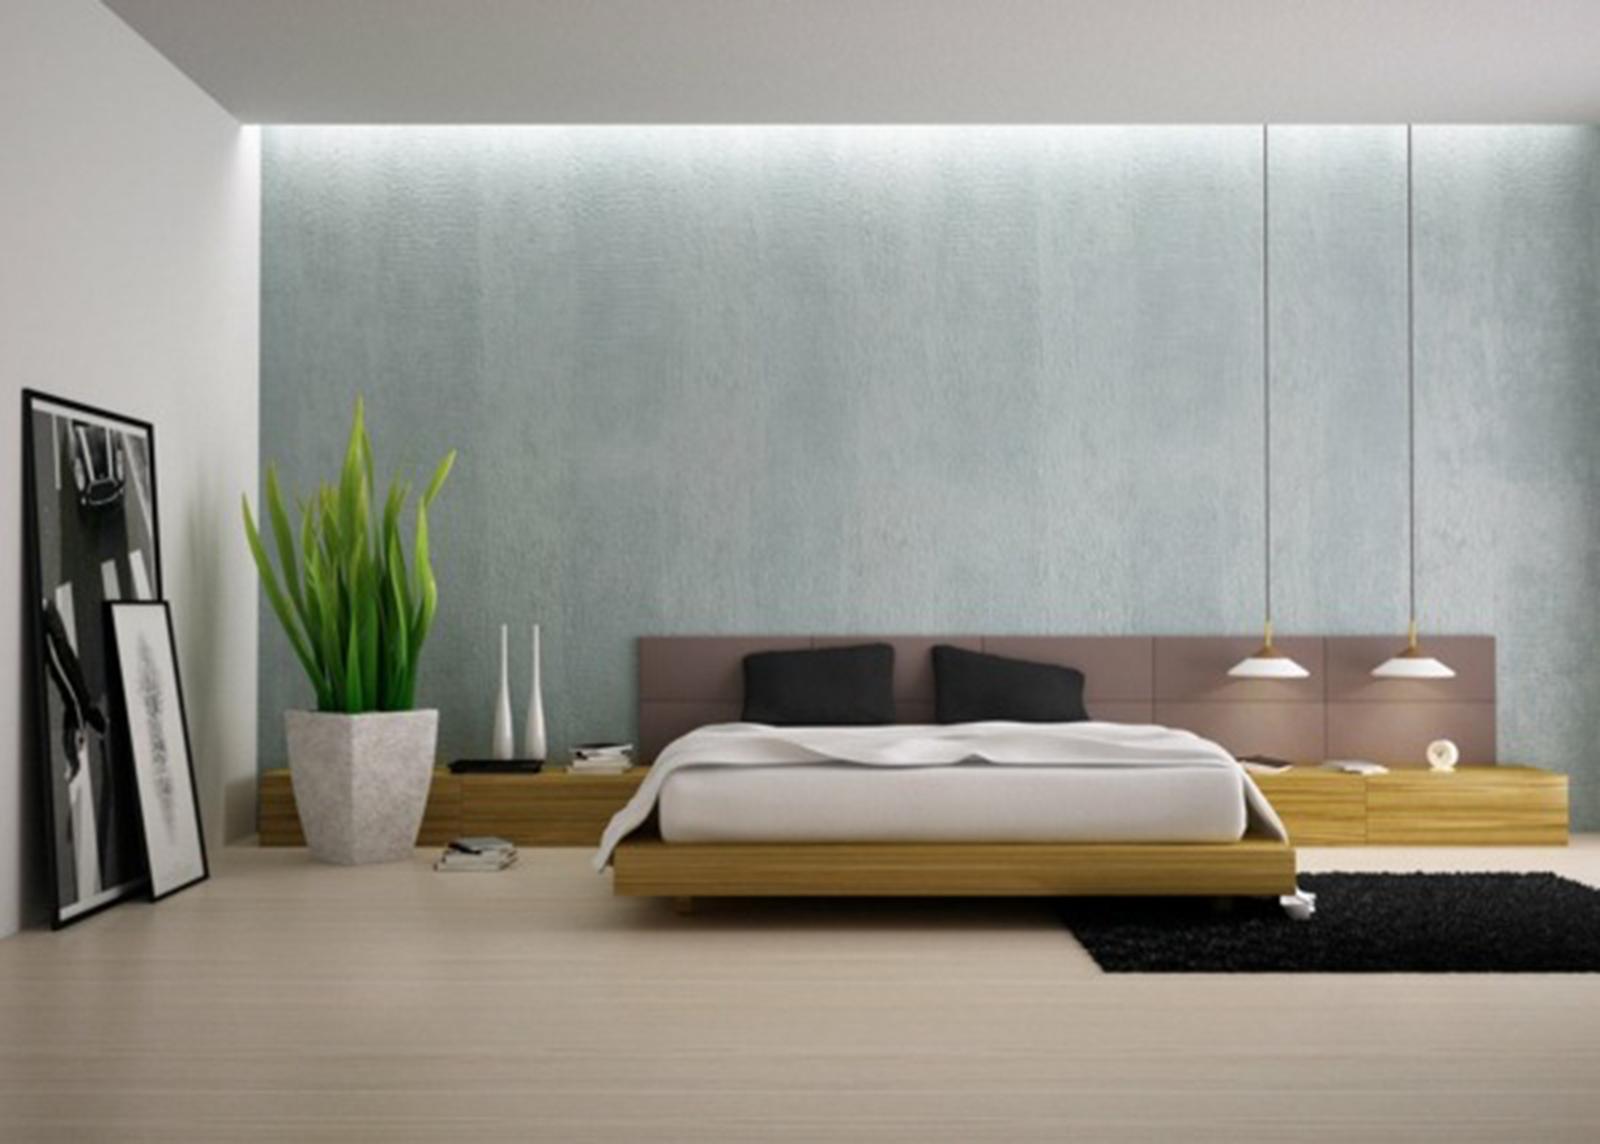 Votre chambre est elle feng shui viving - Chambre feng shui ...